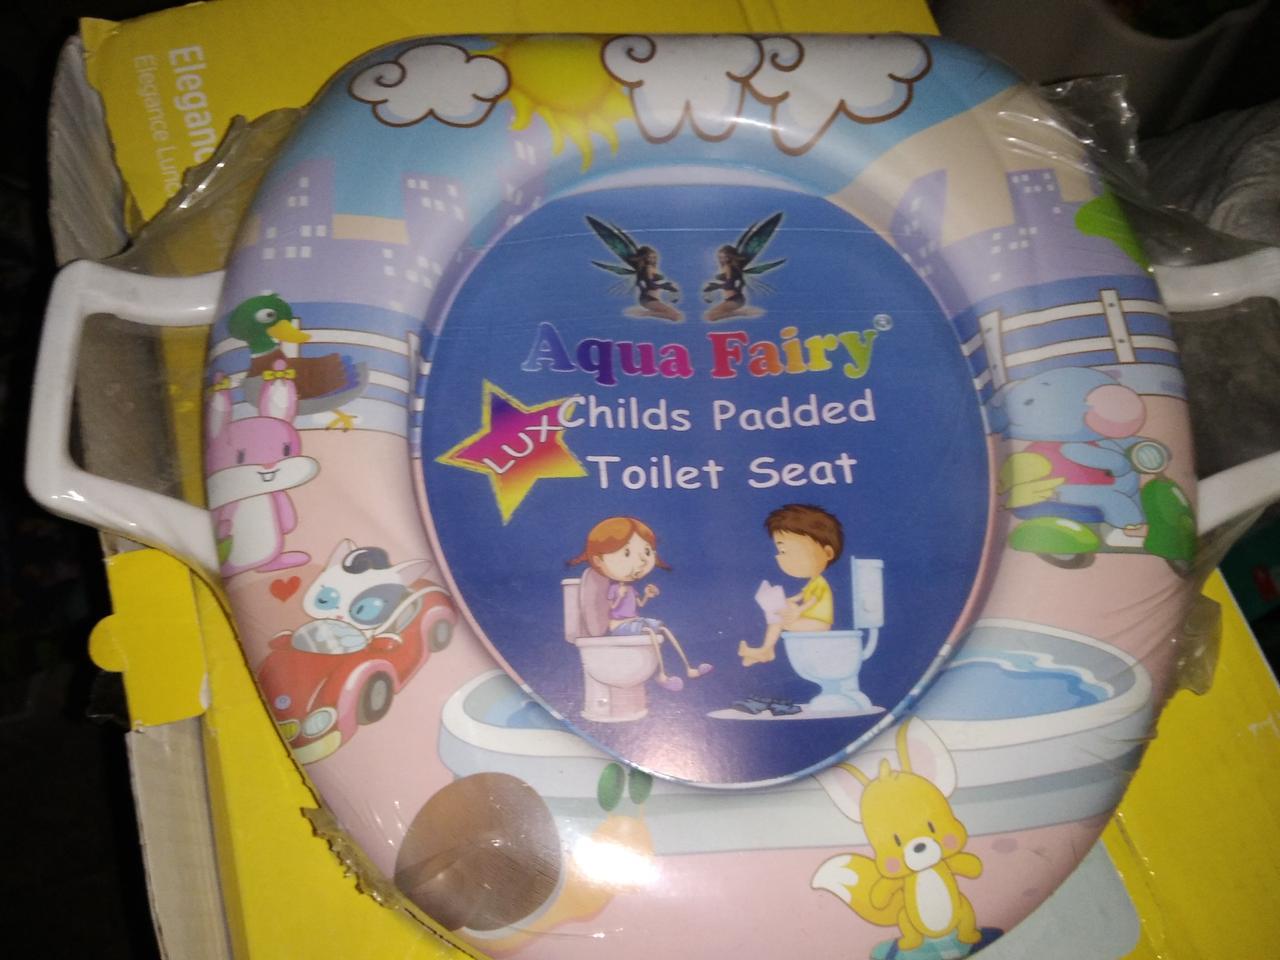 Накладка вставка детская сиденье для унитаза мягкая Украина Aqua Fairy с ручками лисенок